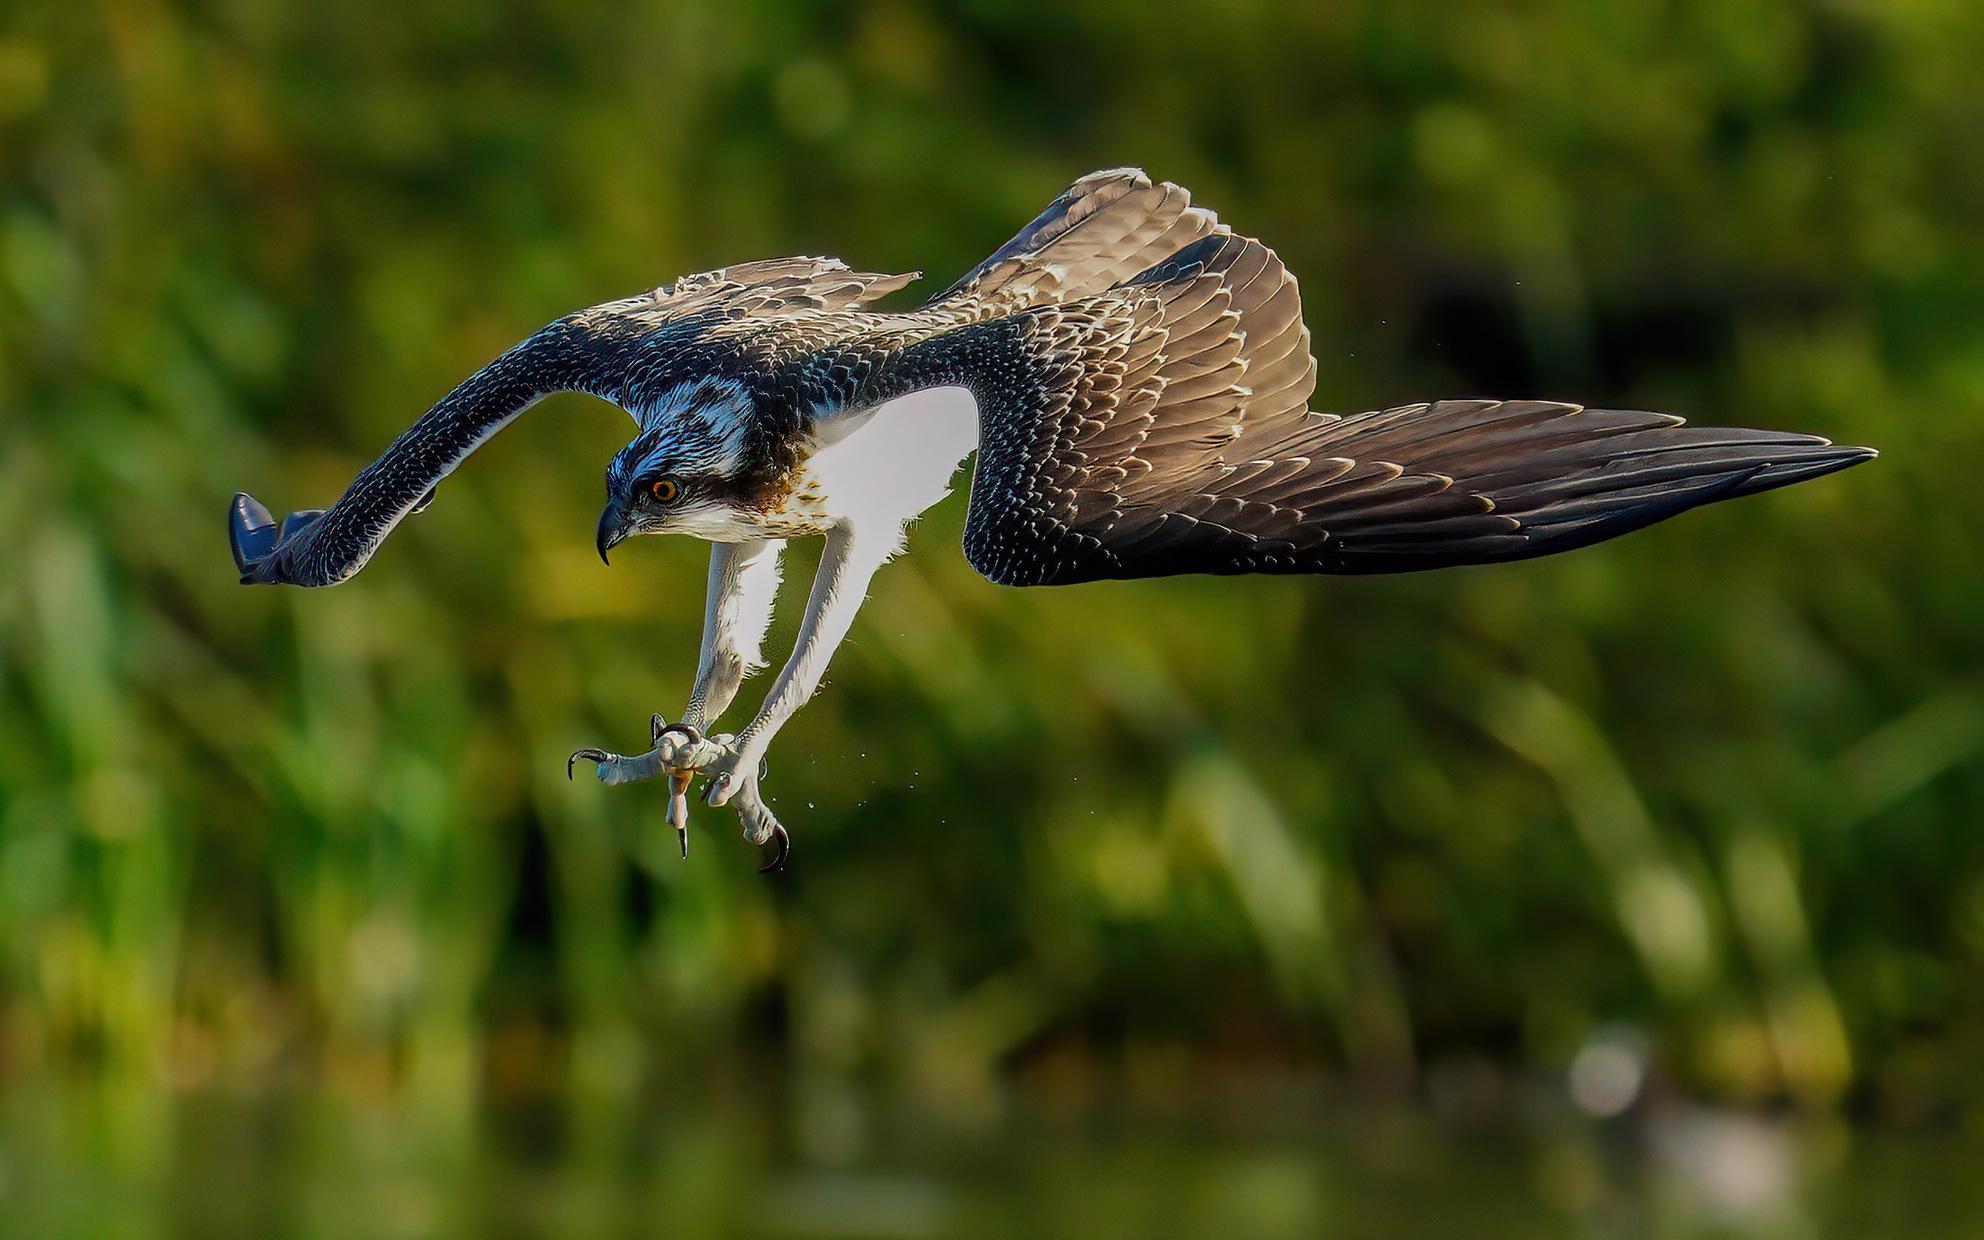 Visarend - Duikend naar vis - foto door Geertjeg op 07-04-2021 - deze foto bevat: vogel, bek, fabriek, veer, terrestrische dieren, vleugel, gras, zeevogel, staart, ciconiiformes